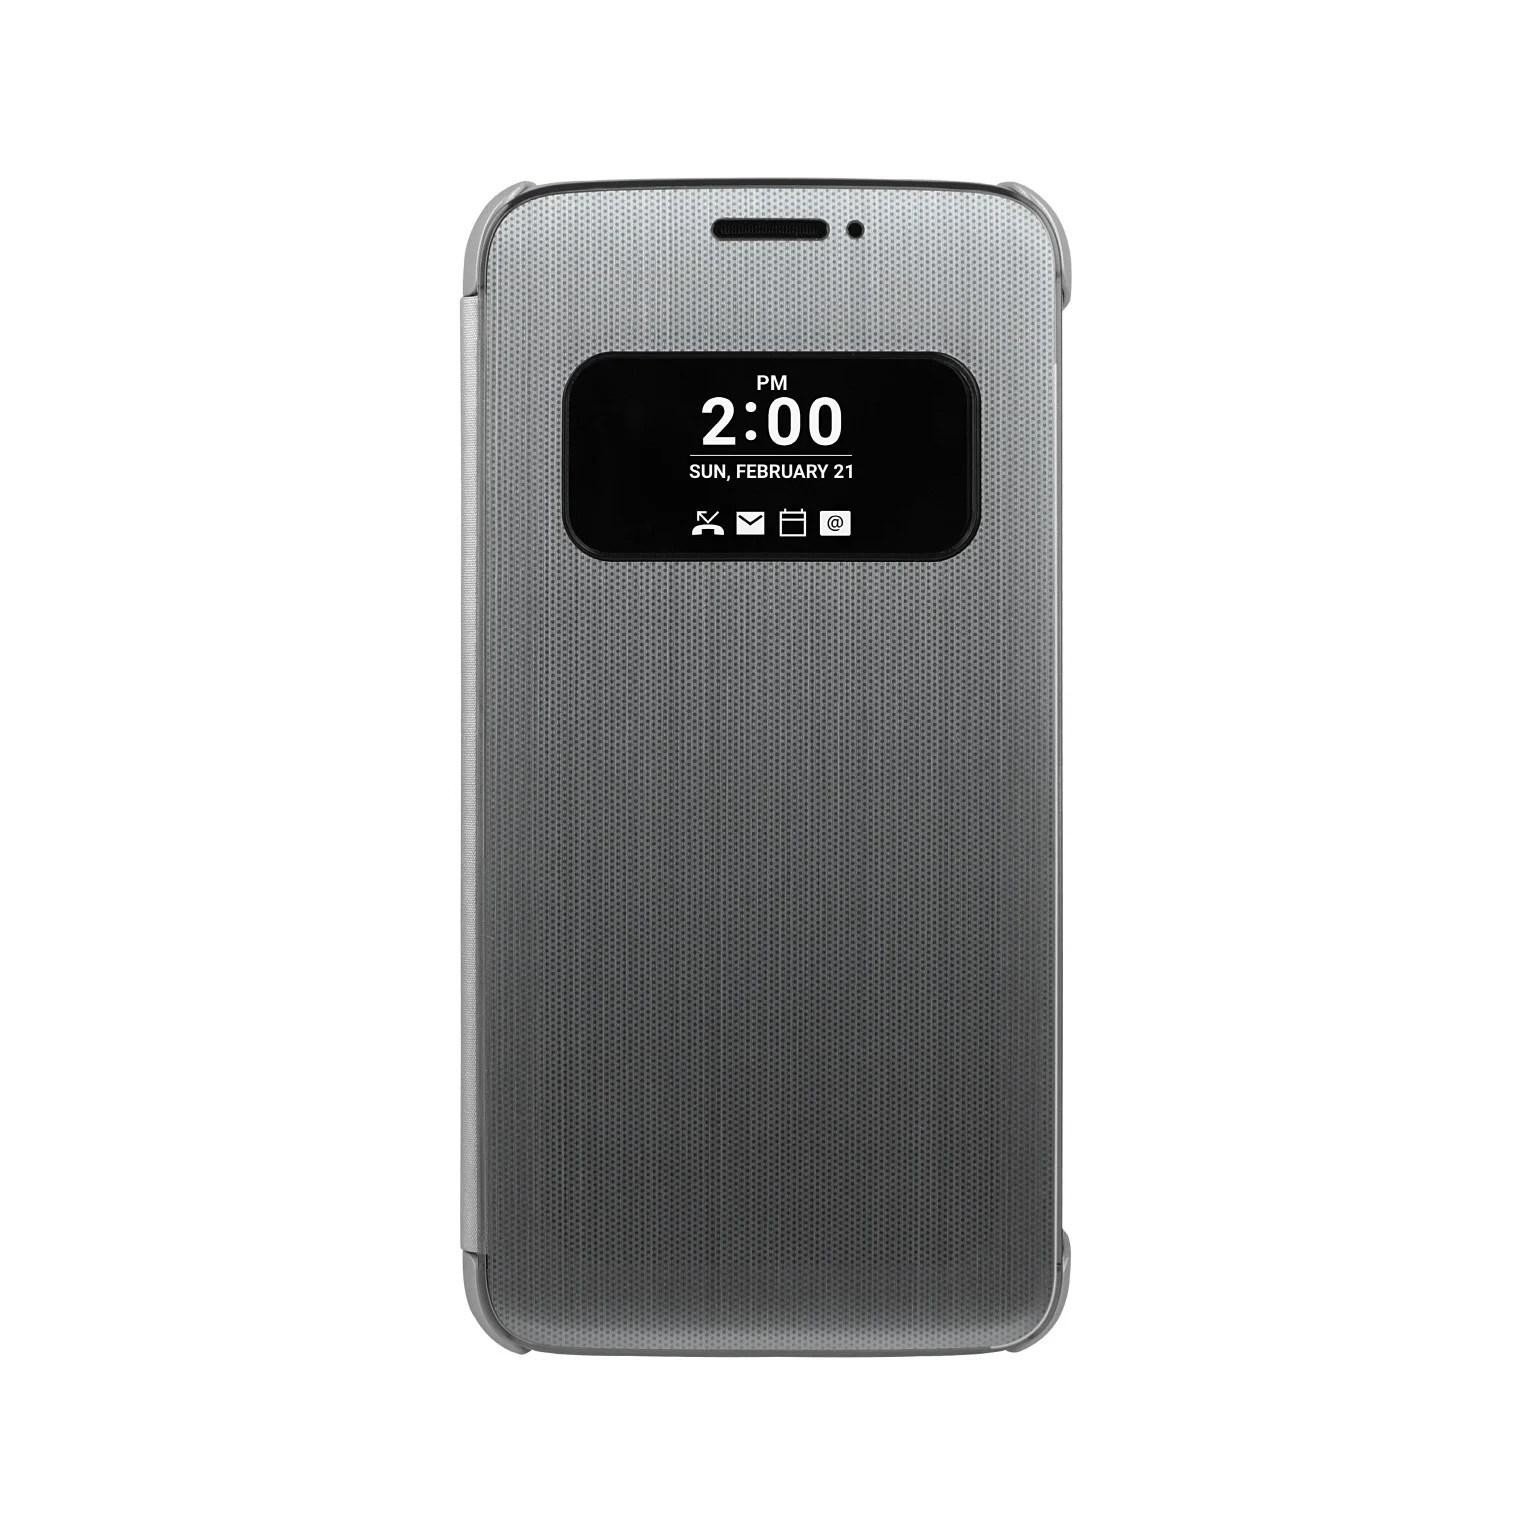 LG G5 : voici une coque de protection officielle, dévoilée avant le smartphone